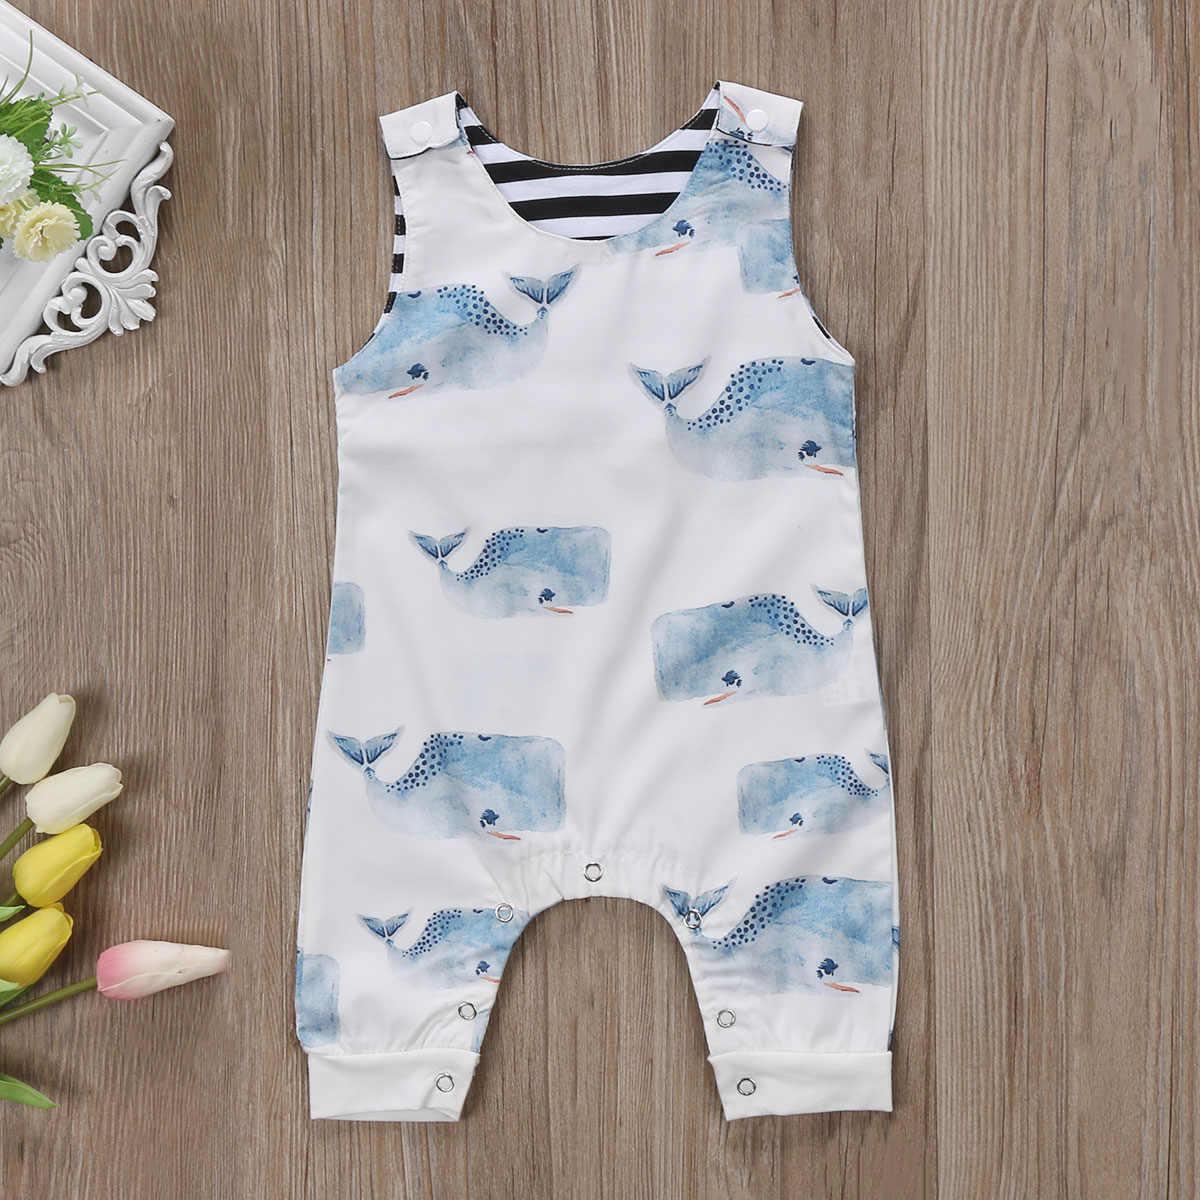 Для Новорожденных Для маленьких мальчиков Обувь для девочек КИТ комбинезон комплект одежды